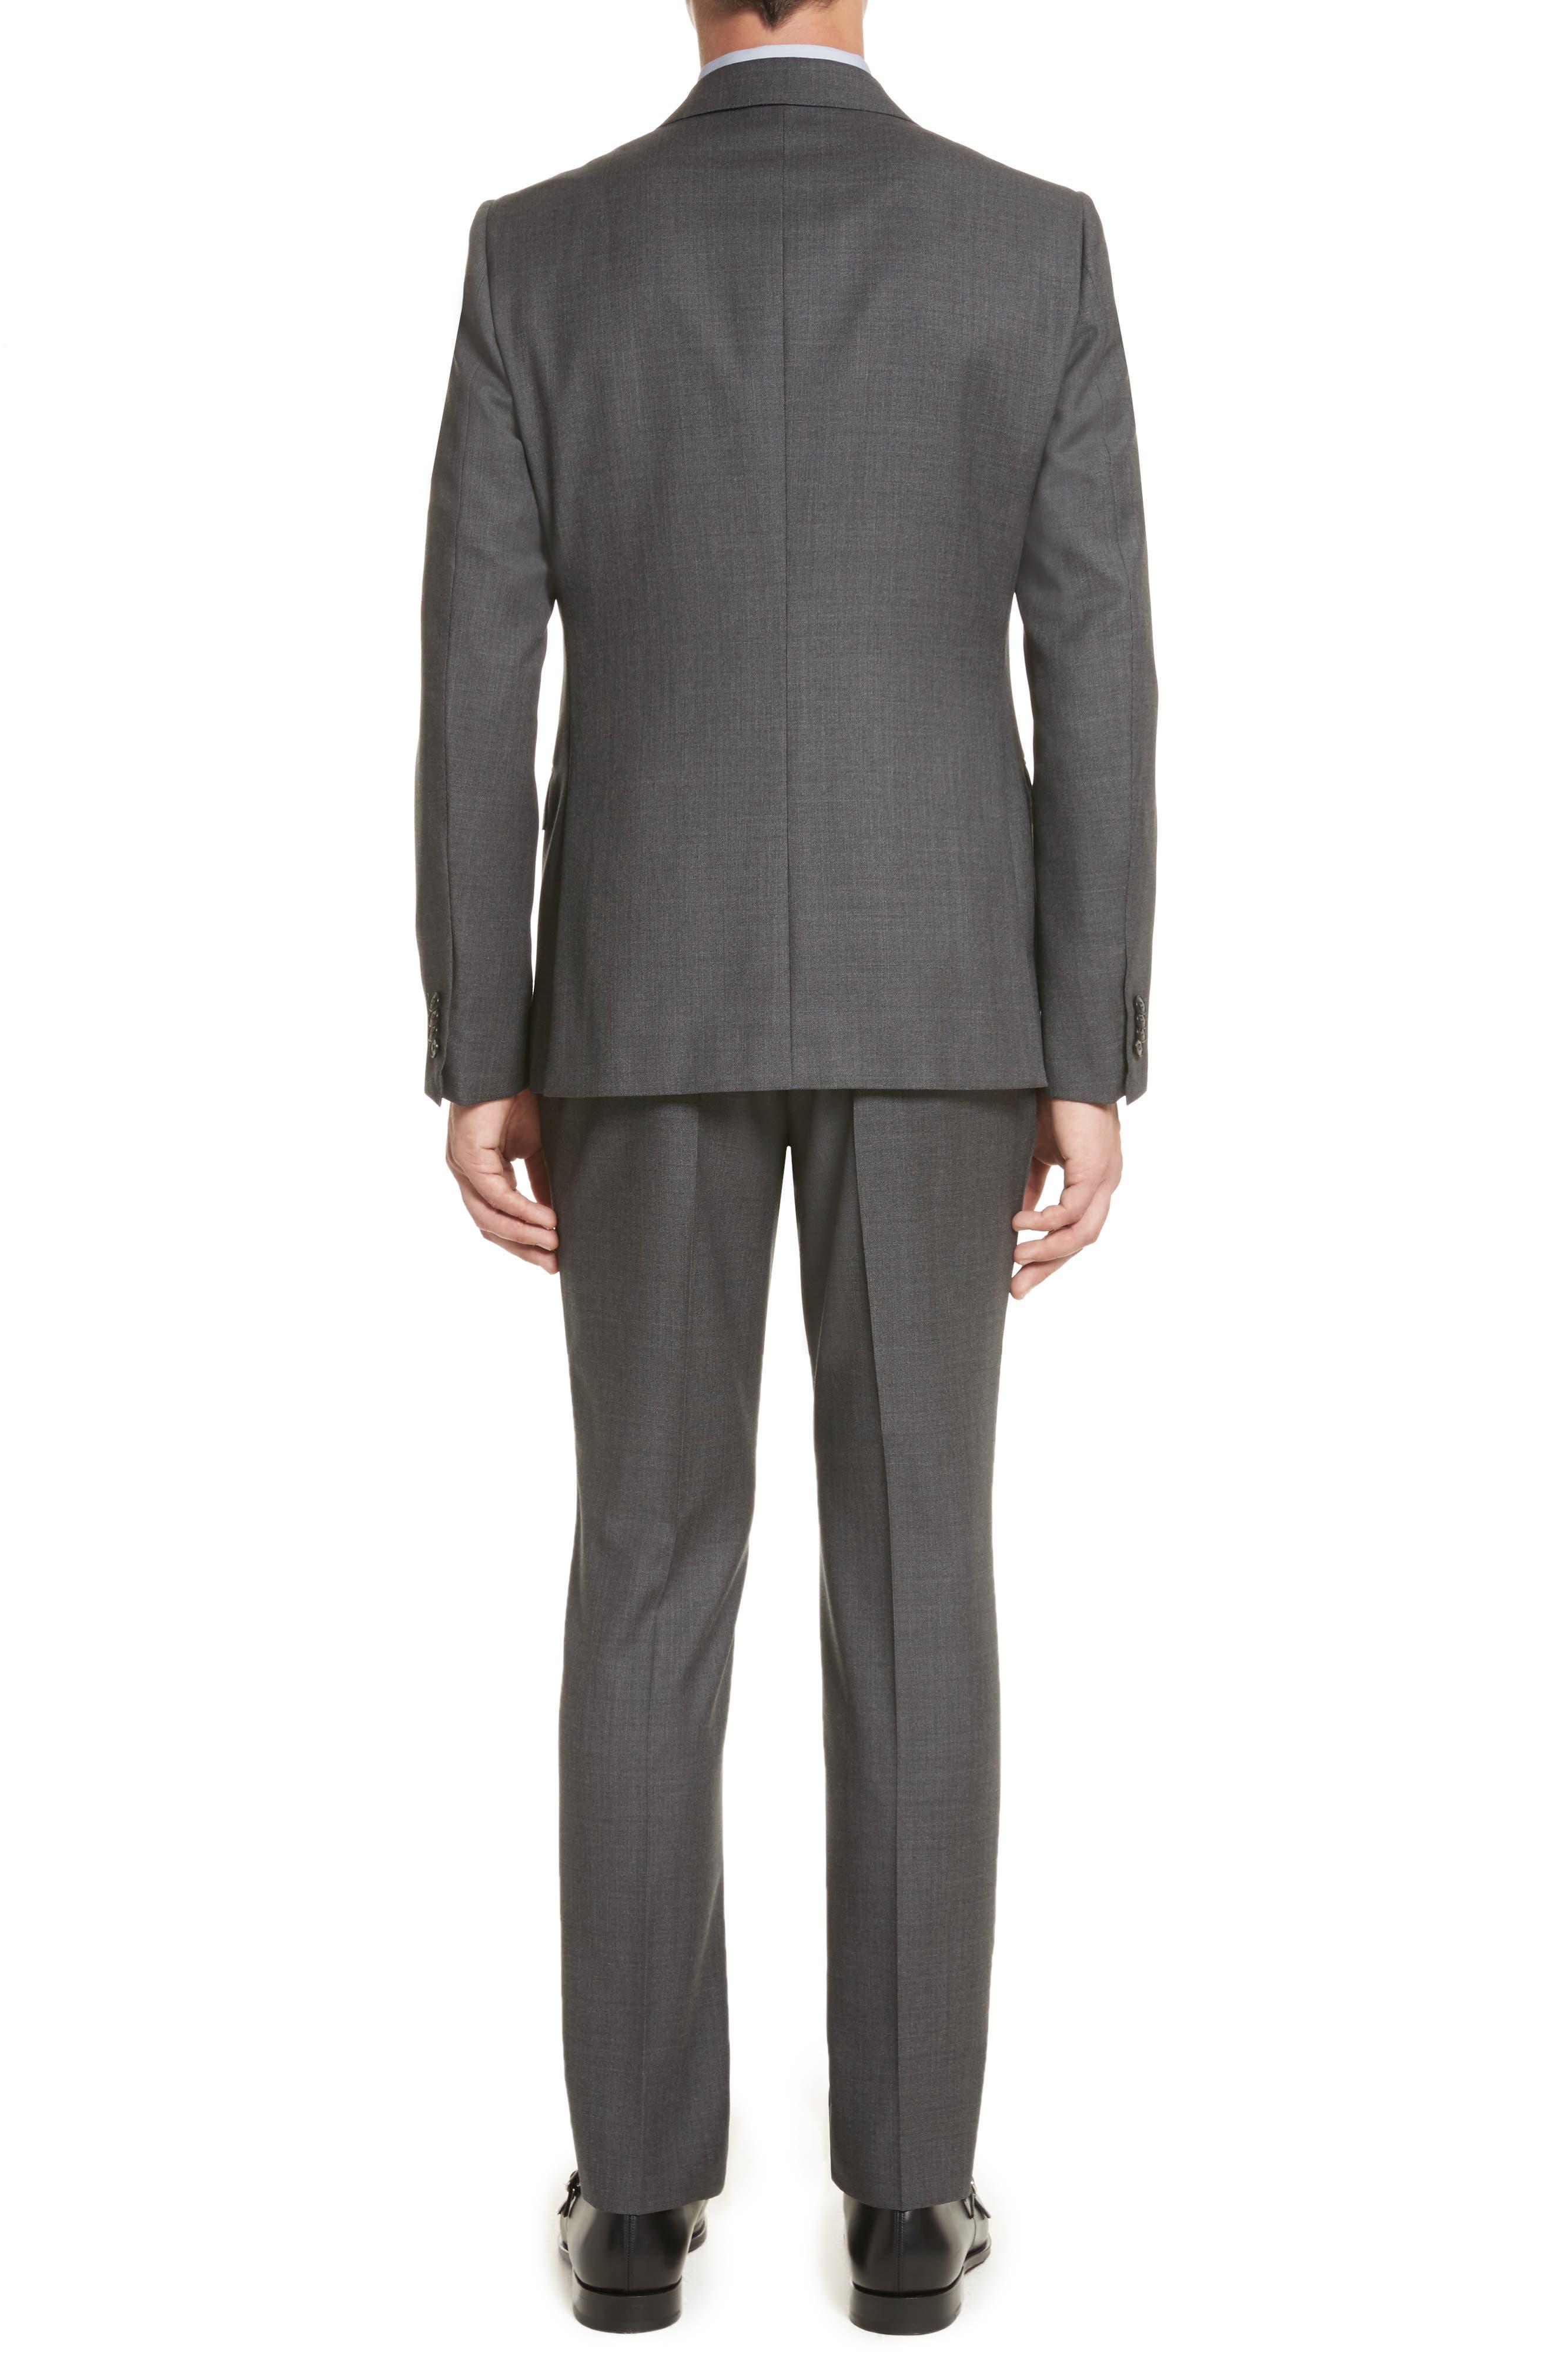 Z ZEGNA,                             Classic Fit Wool Suit,                             Alternate thumbnail 2, color,                             022